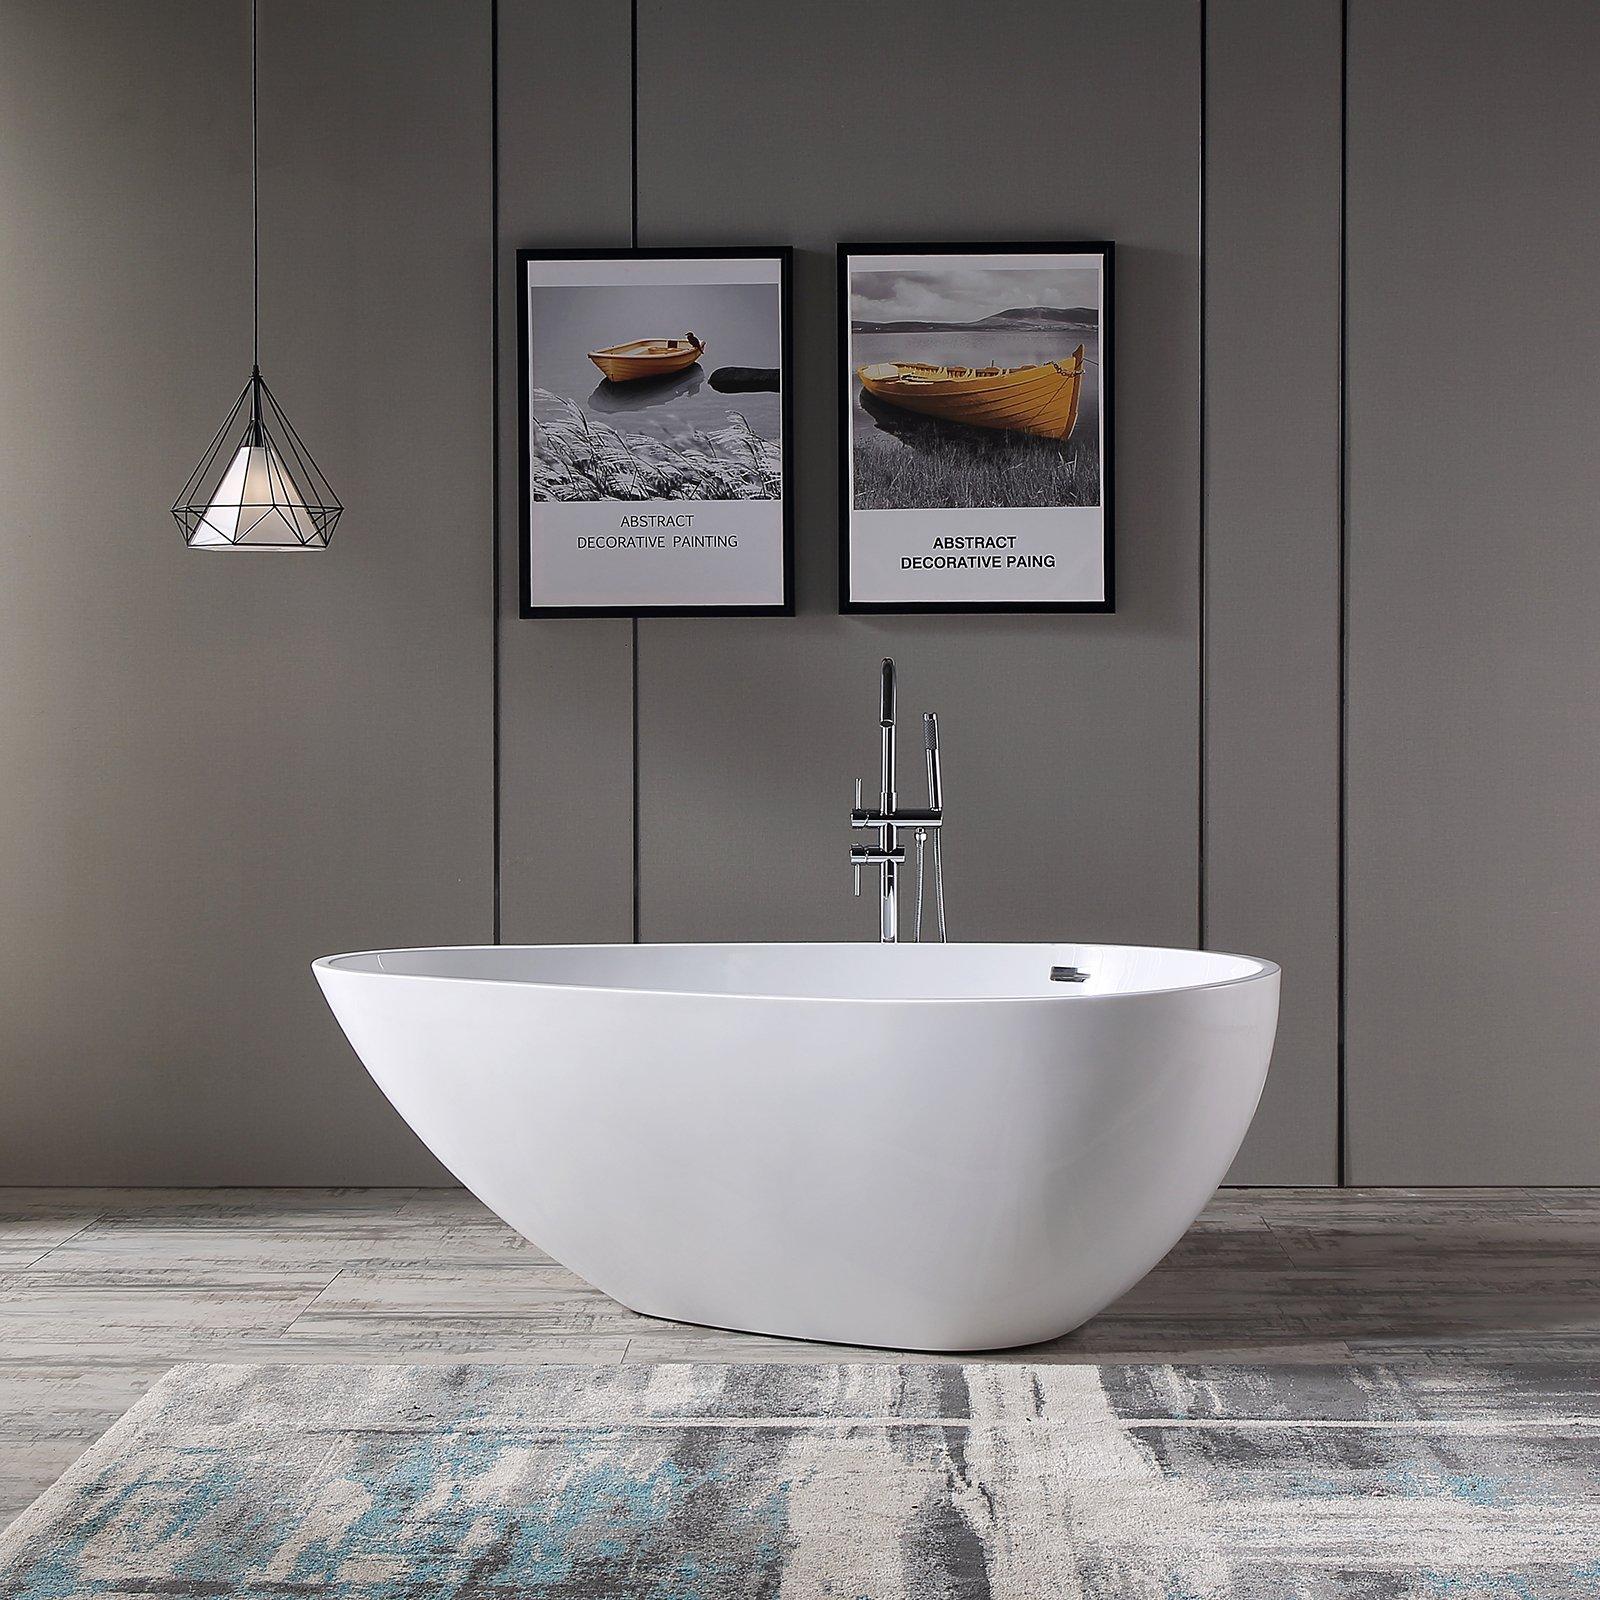 Freistehende Badewanne VENETO Acryl Weiß oder Schwarz/Weiß - Glänzend - 180 x 110 x 60 cm - Standarmatur wählbar